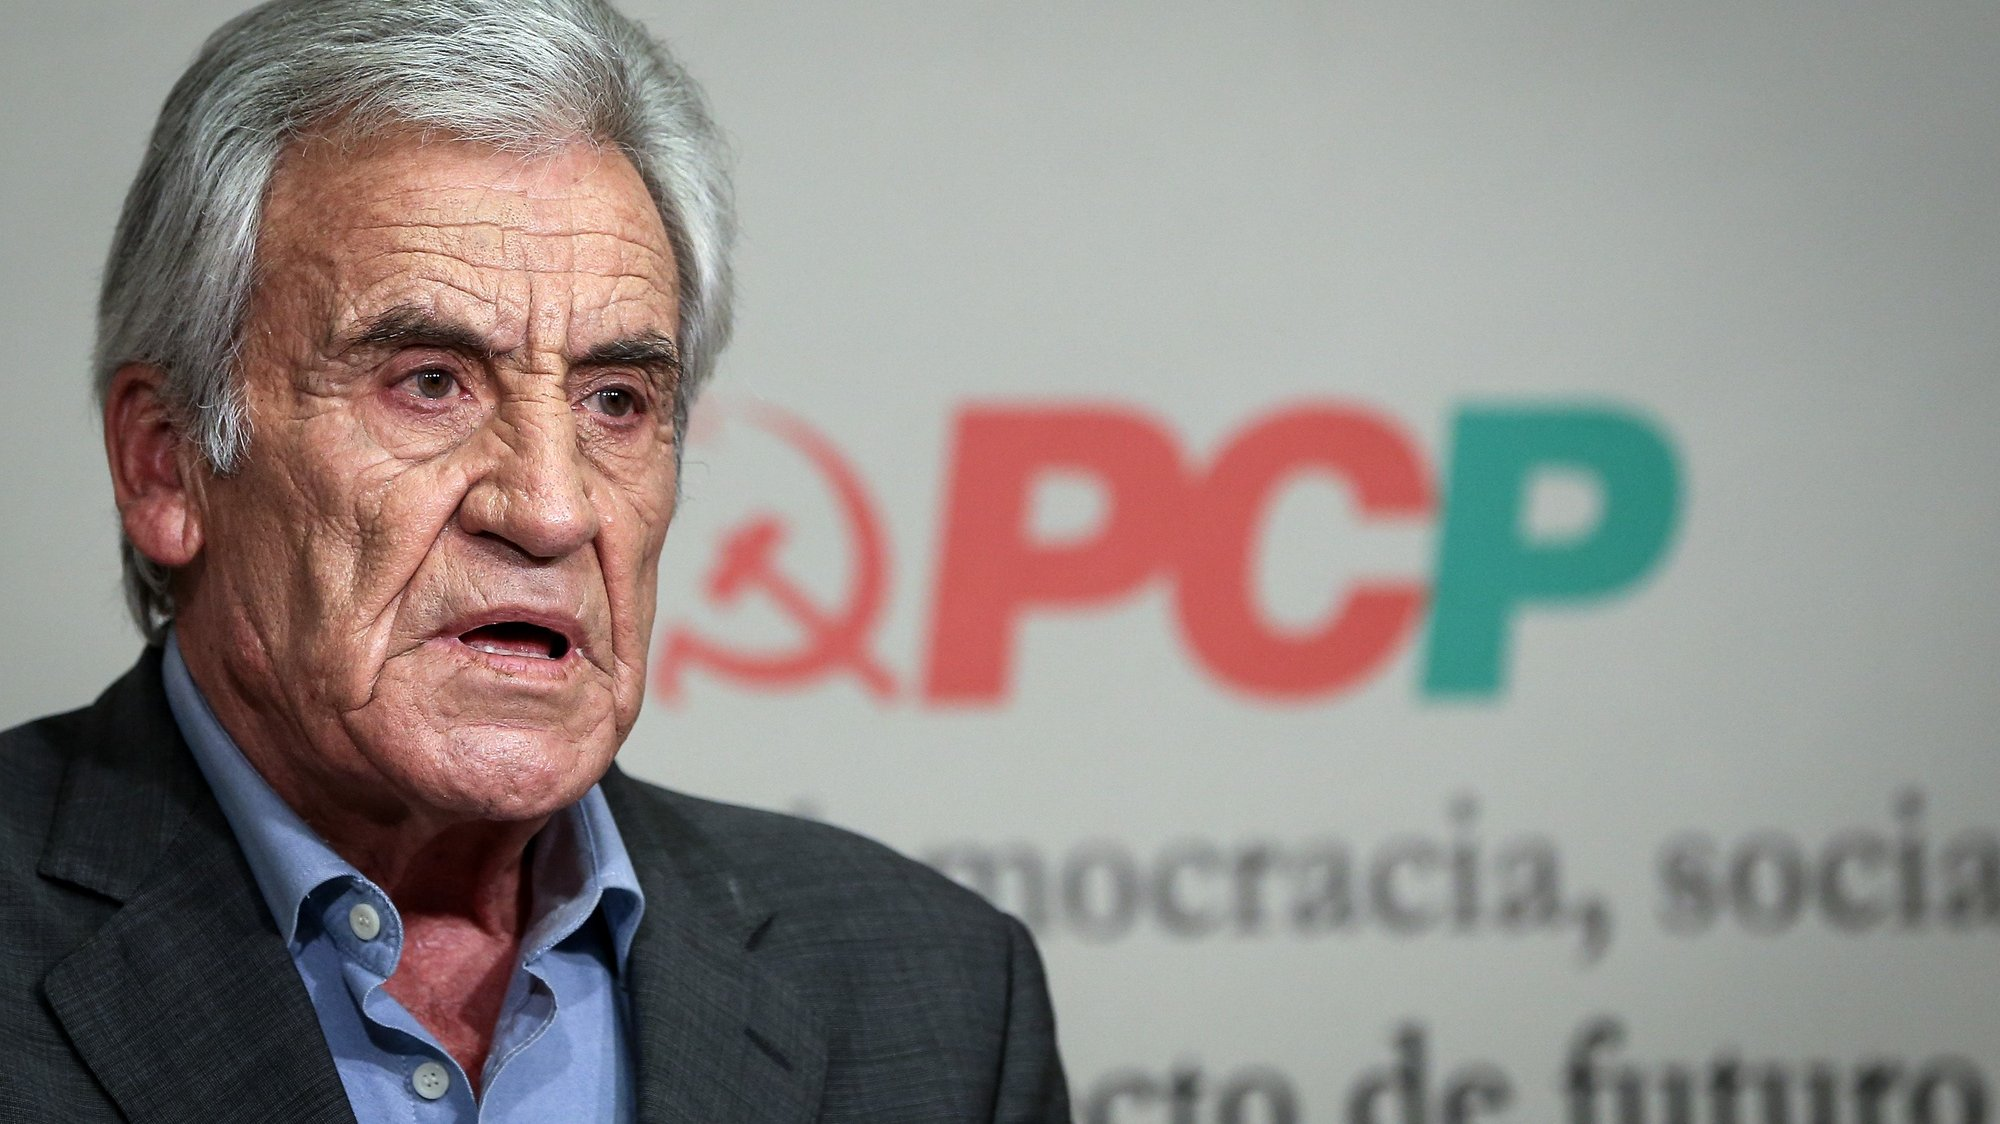 O secretário-geral do Partido Comunista Português (PCP), Jerónimo de Sousa, discursa durante a conferência de imprensa para a apresentação das principais conclusões da reunião do Comité Central, na sede do partido, em Lisboa, 29 de junho de 2021. RODRIGO ANTUNES/LUSA